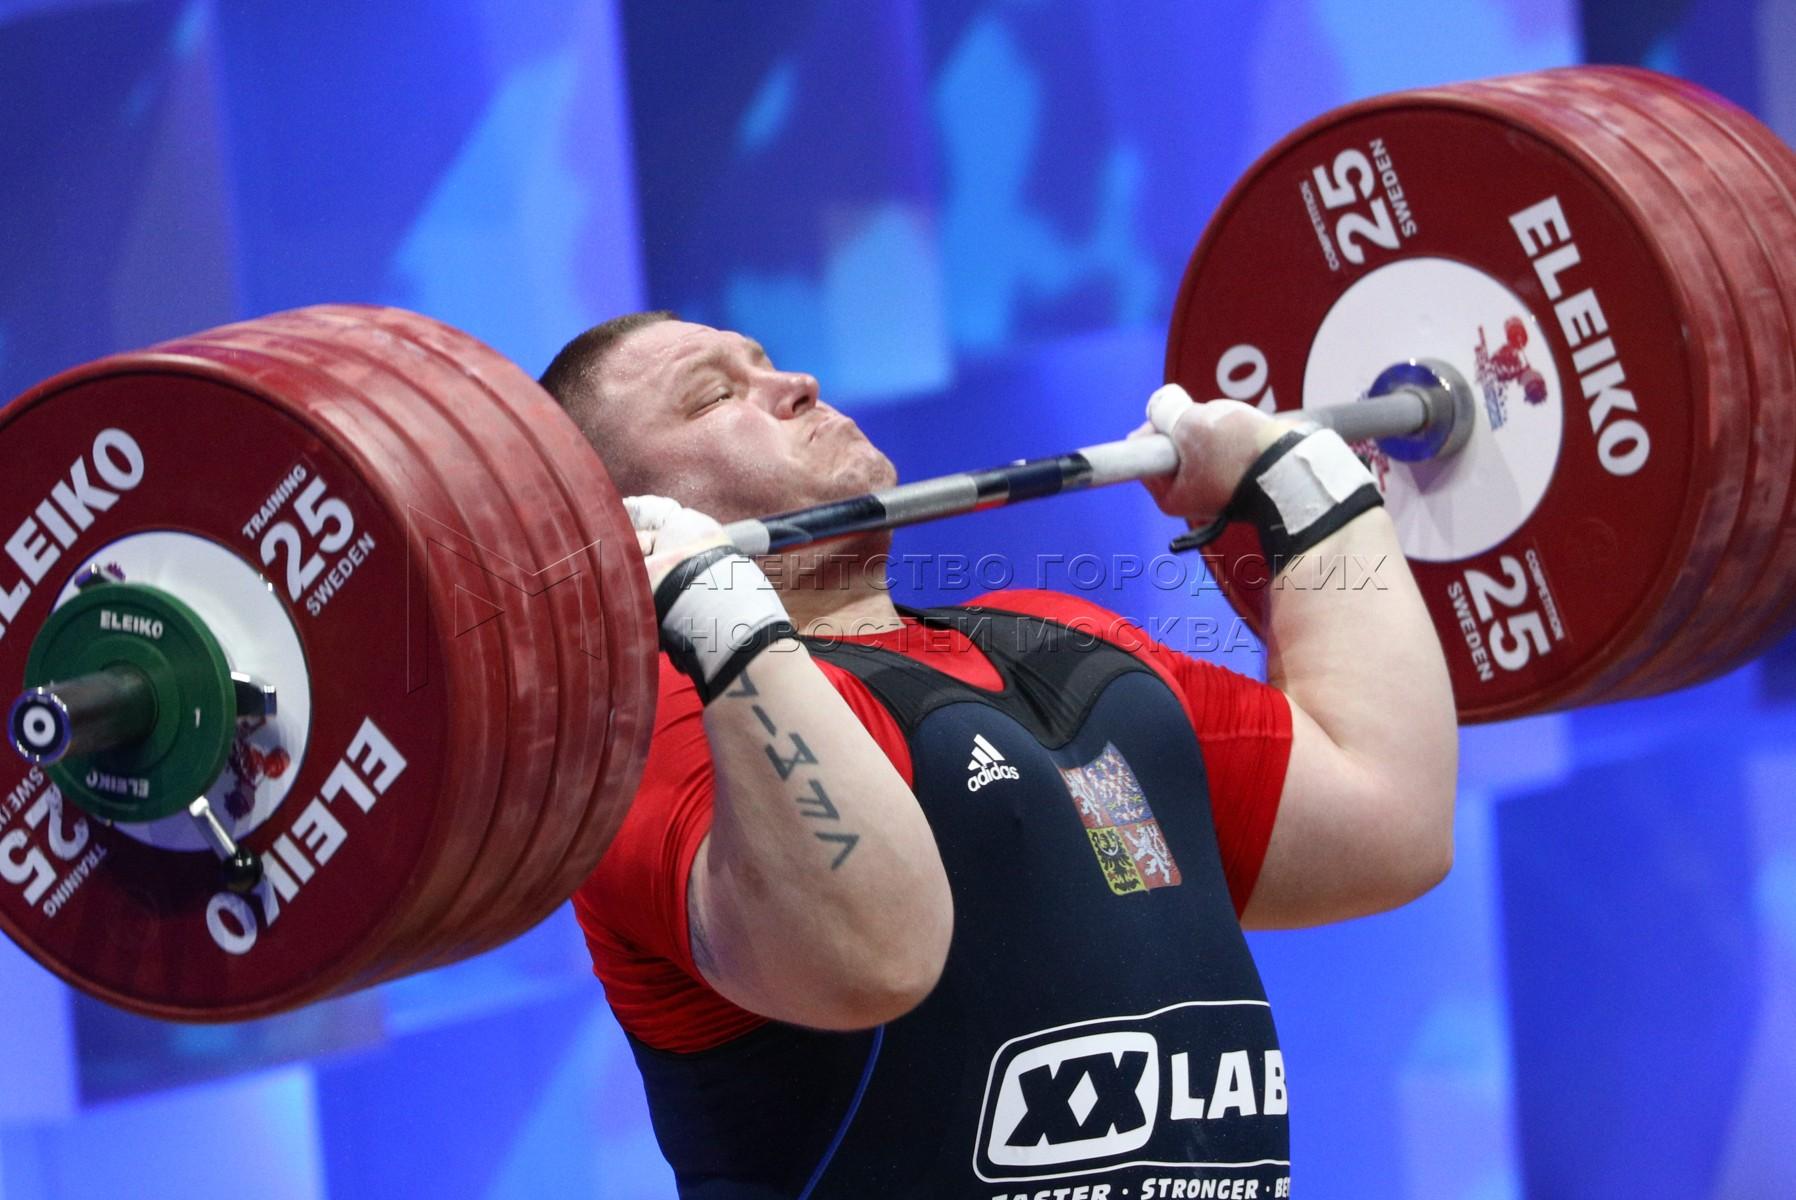 Спортсмен Камил Кучера (Чехия) во время соревнований среди мужчин в весовой категории свыше 109 кг на чемпионате Европы по тяжелой атлетике во Дворце гимнастики Ирины Винер-Усмановой. День восьмой.